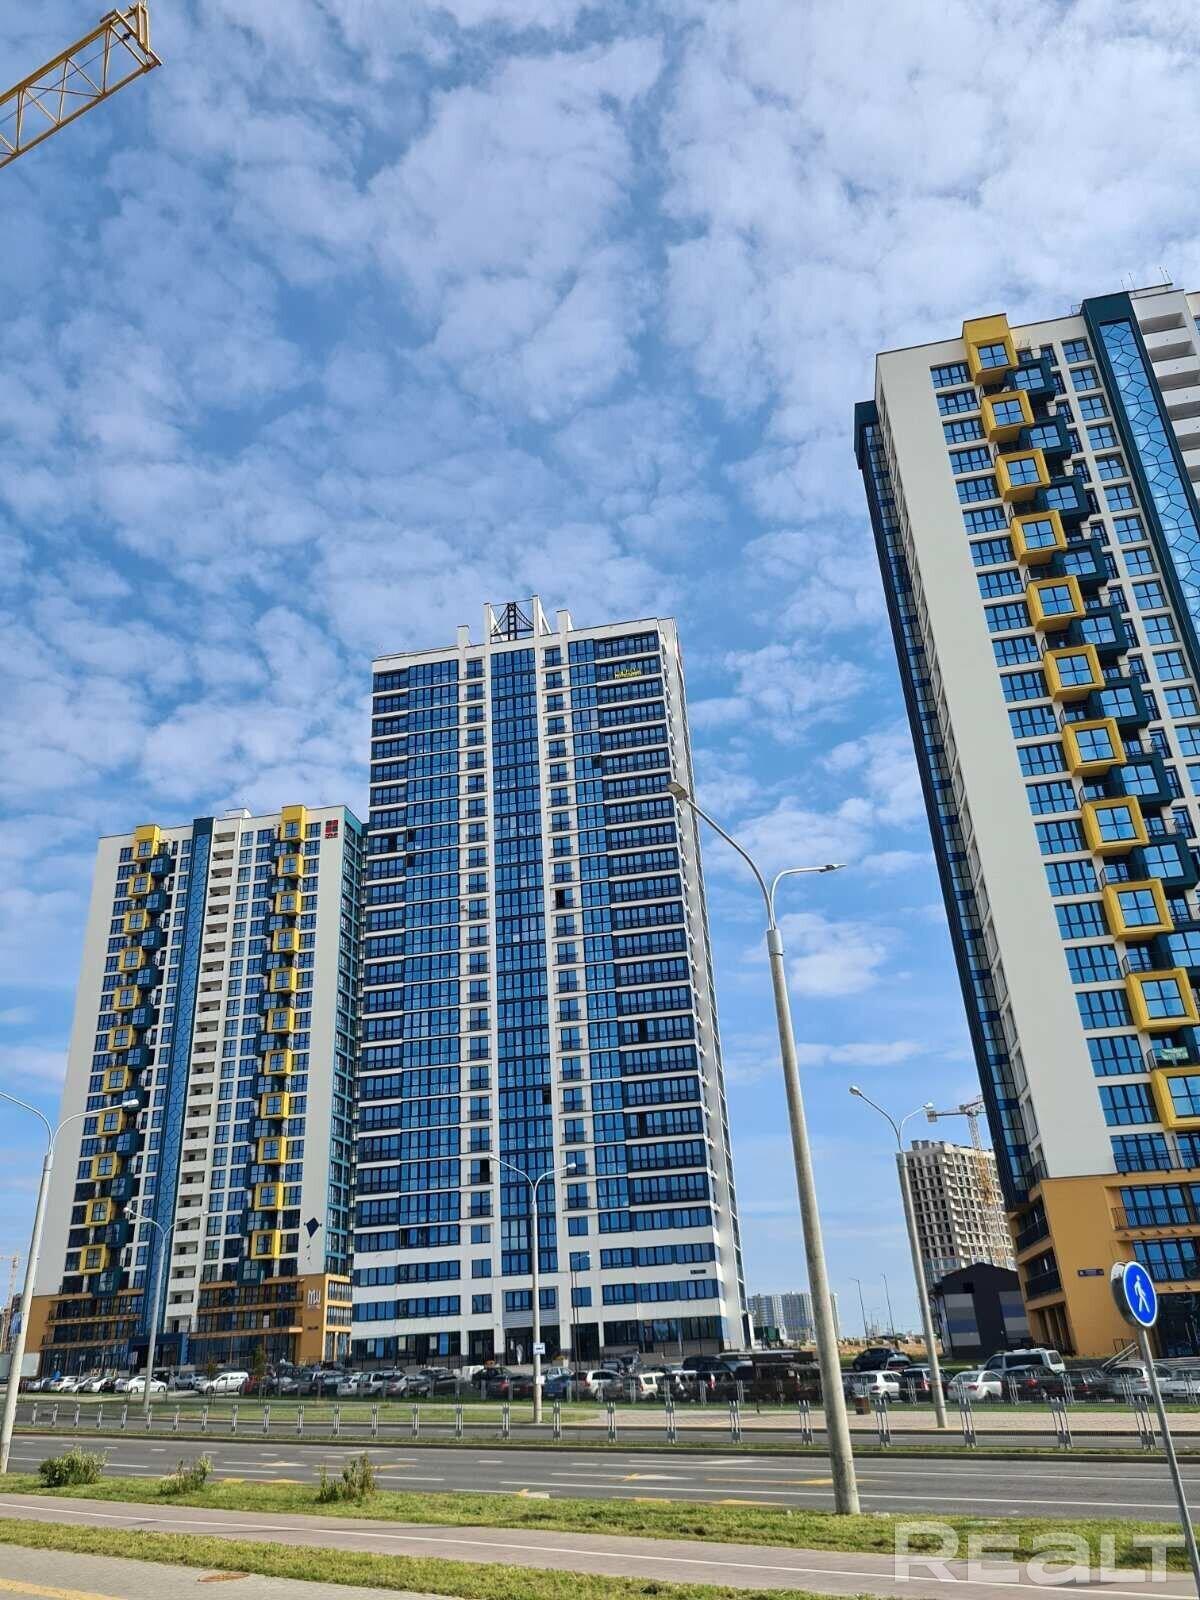 Продажа 3-х комнатной квартиры в г. Минске, ул. Левина, дом 11 (р-н Минск Мир (Minsk World)). Цена 168 843 руб